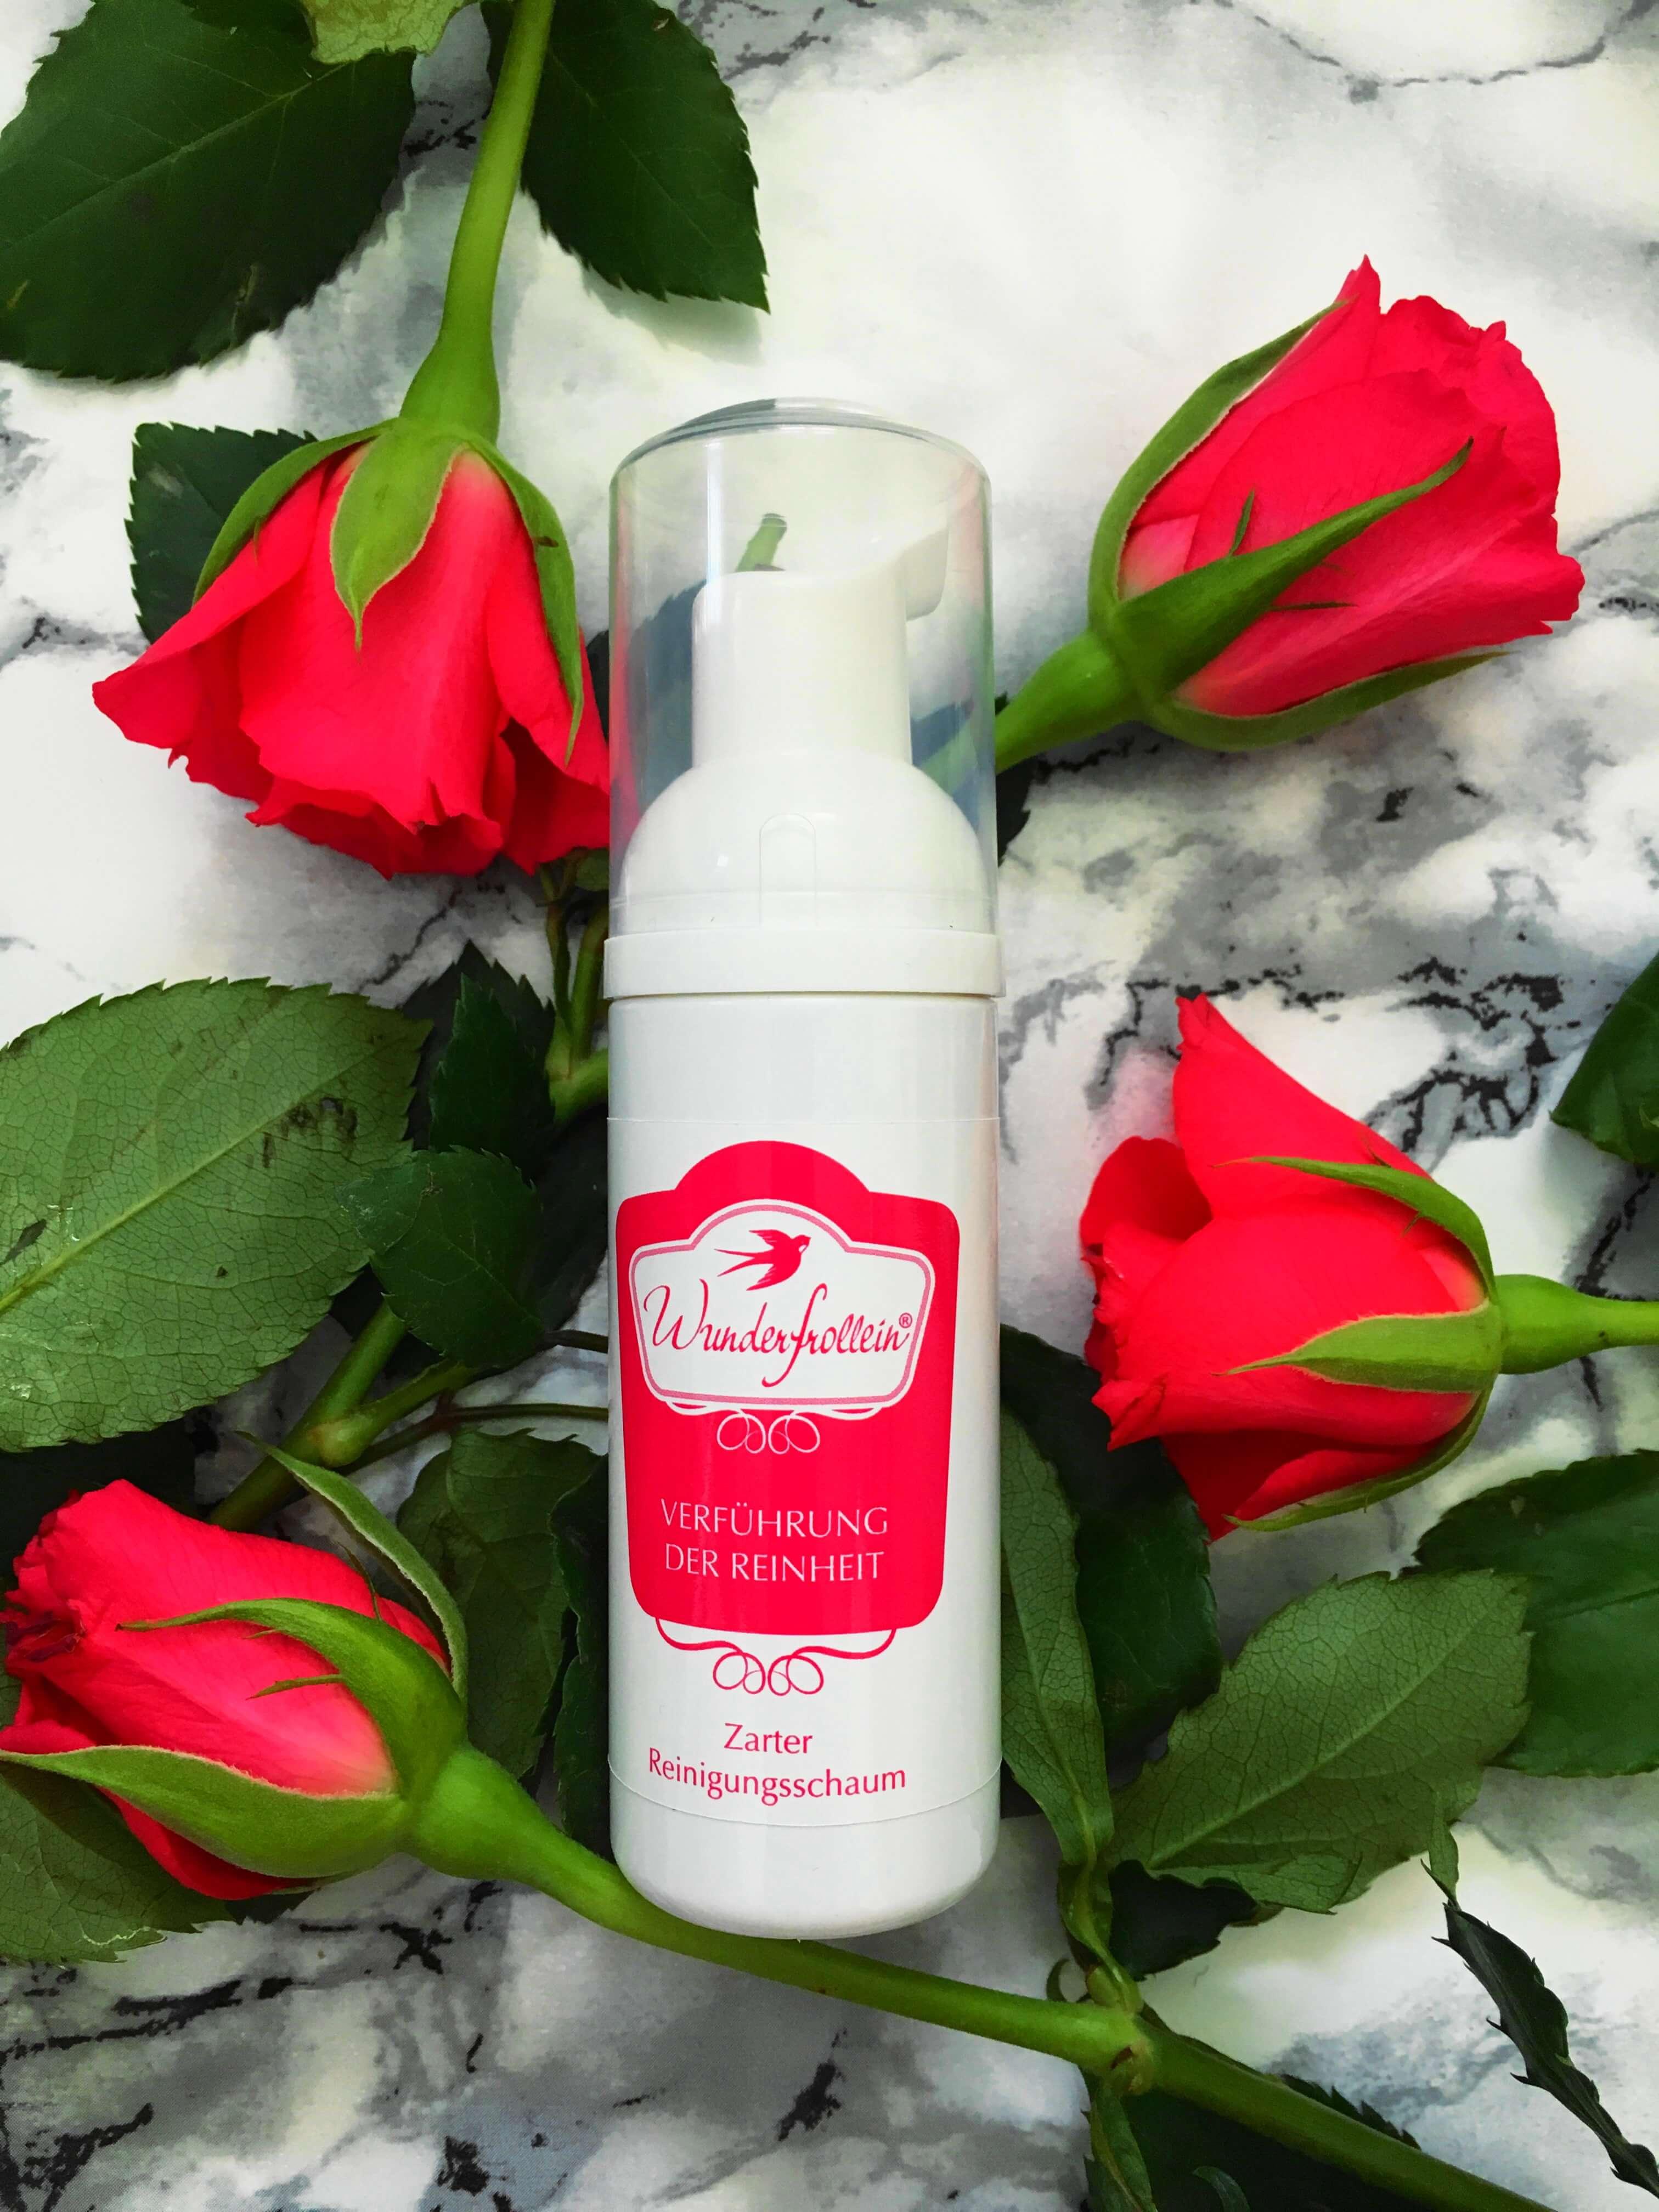 Heute zeige ich euch auf dem Blog die Wundertüte Special Glow von Wunderfrollein und erzähle euch noch ein wenig über die Geschichte der Hautpflege-Marke